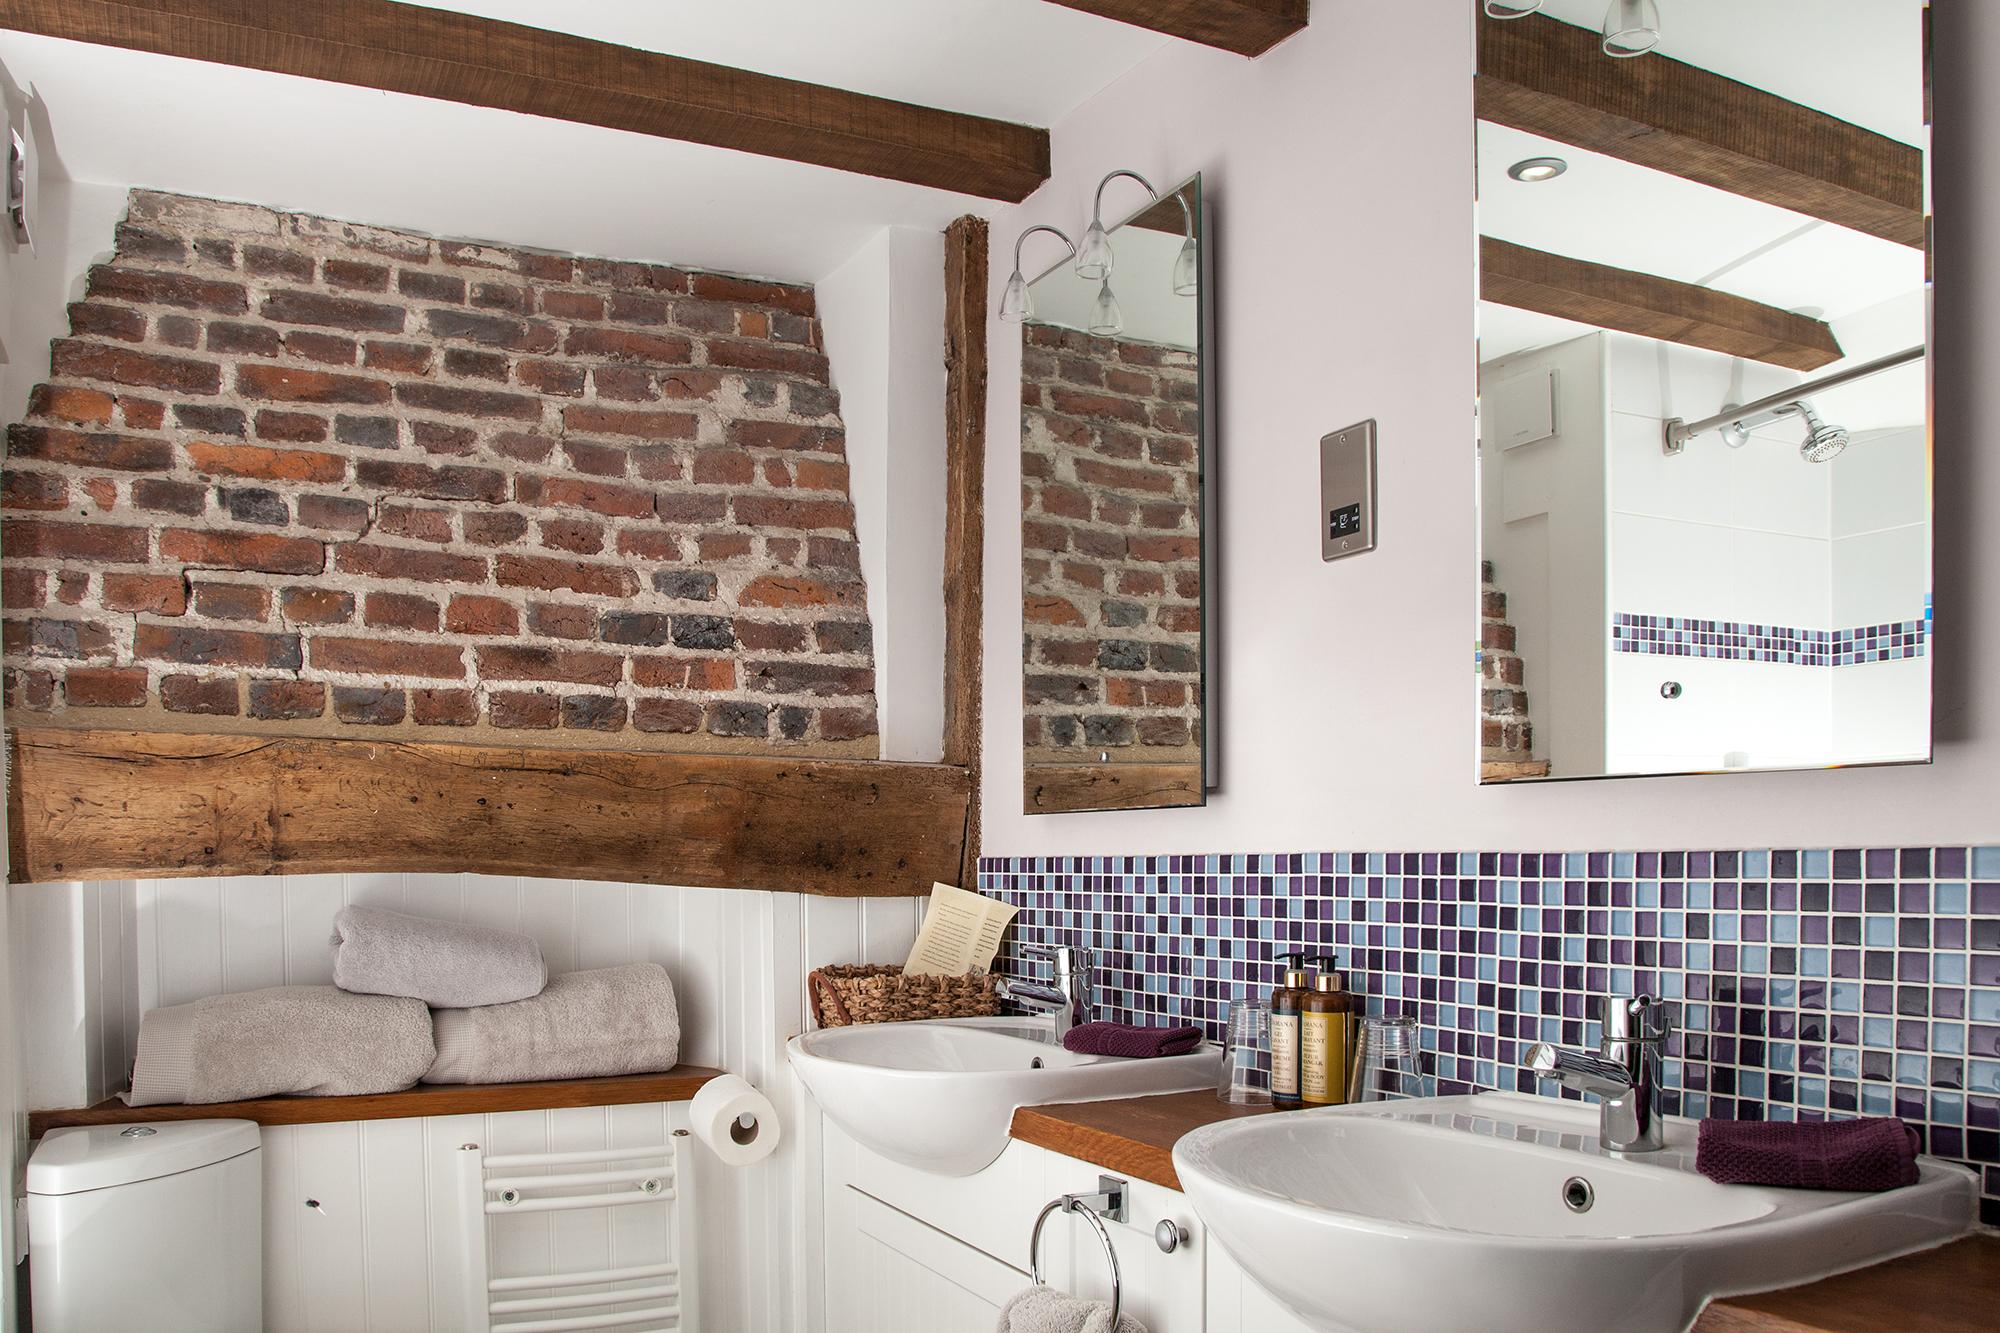 Bathroom view for the Indigo room